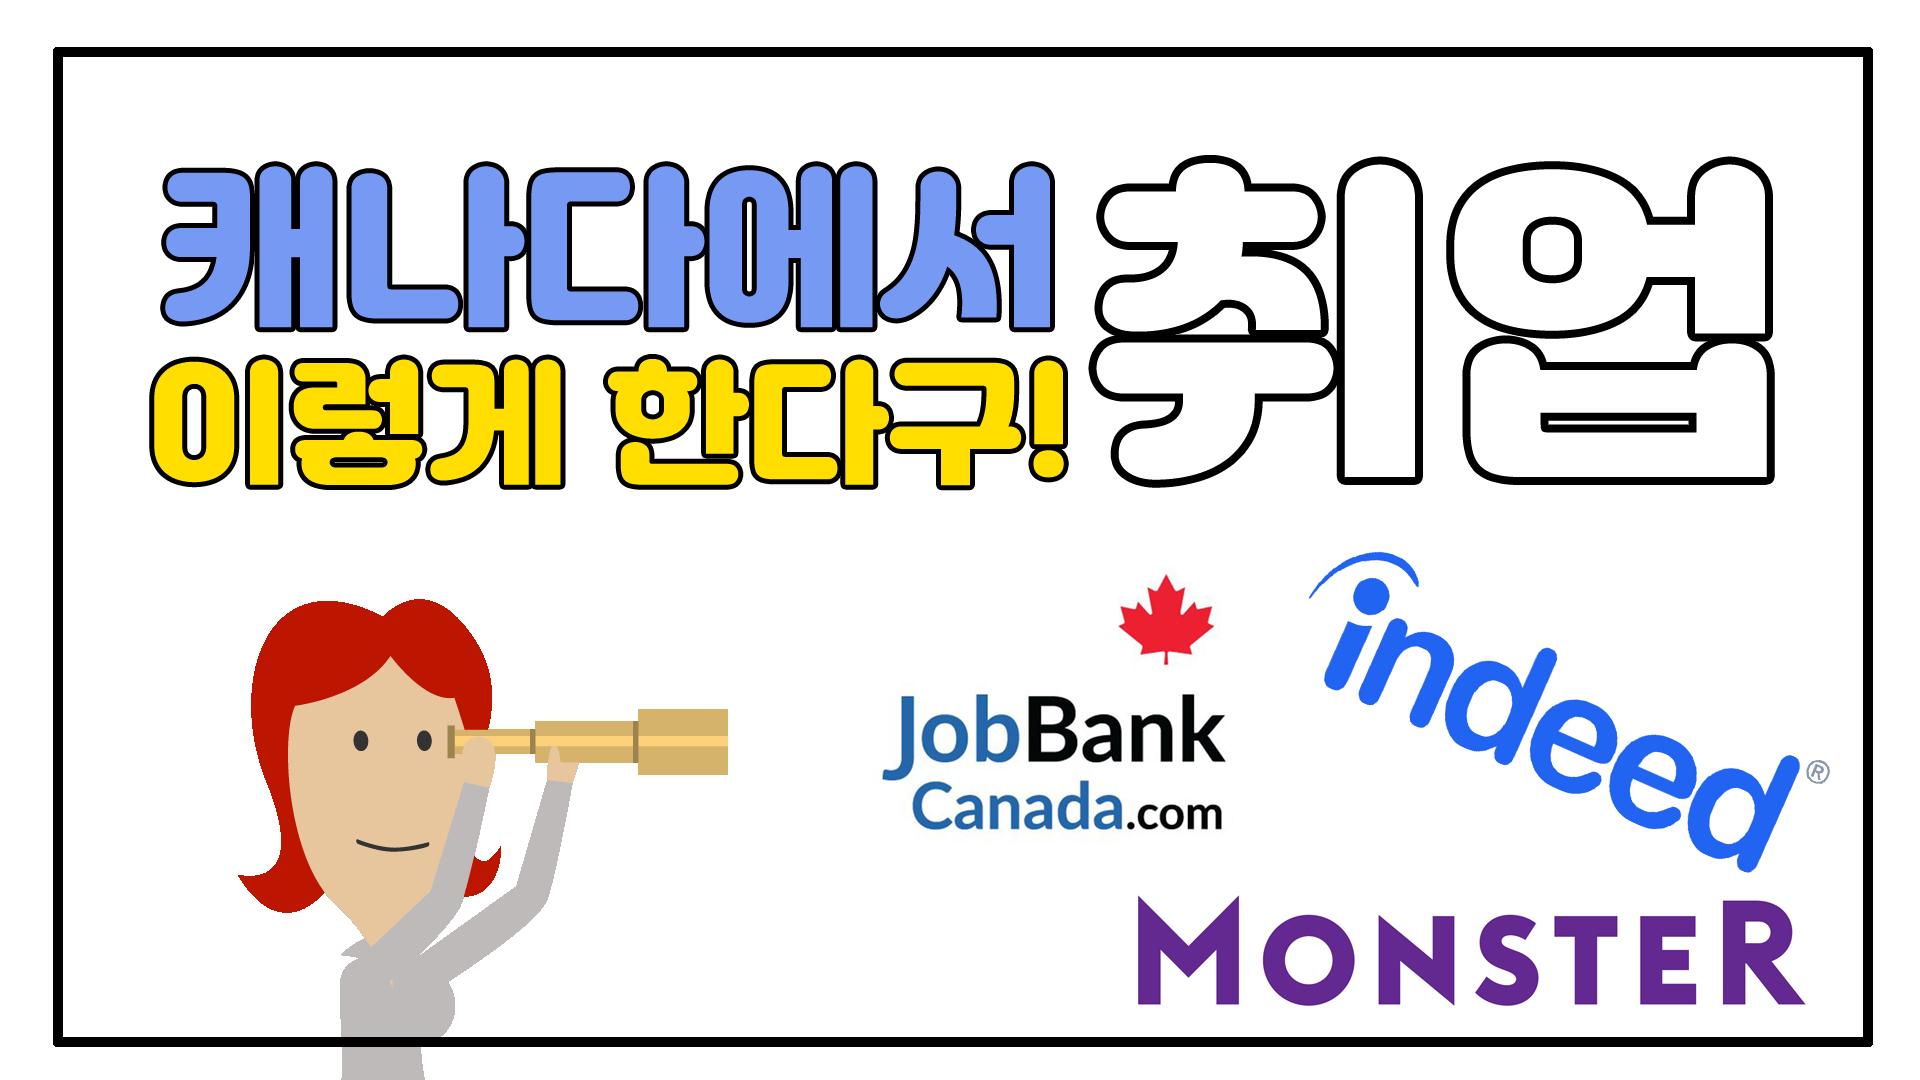 캐나다에서 취업, 이렇게 한다구!